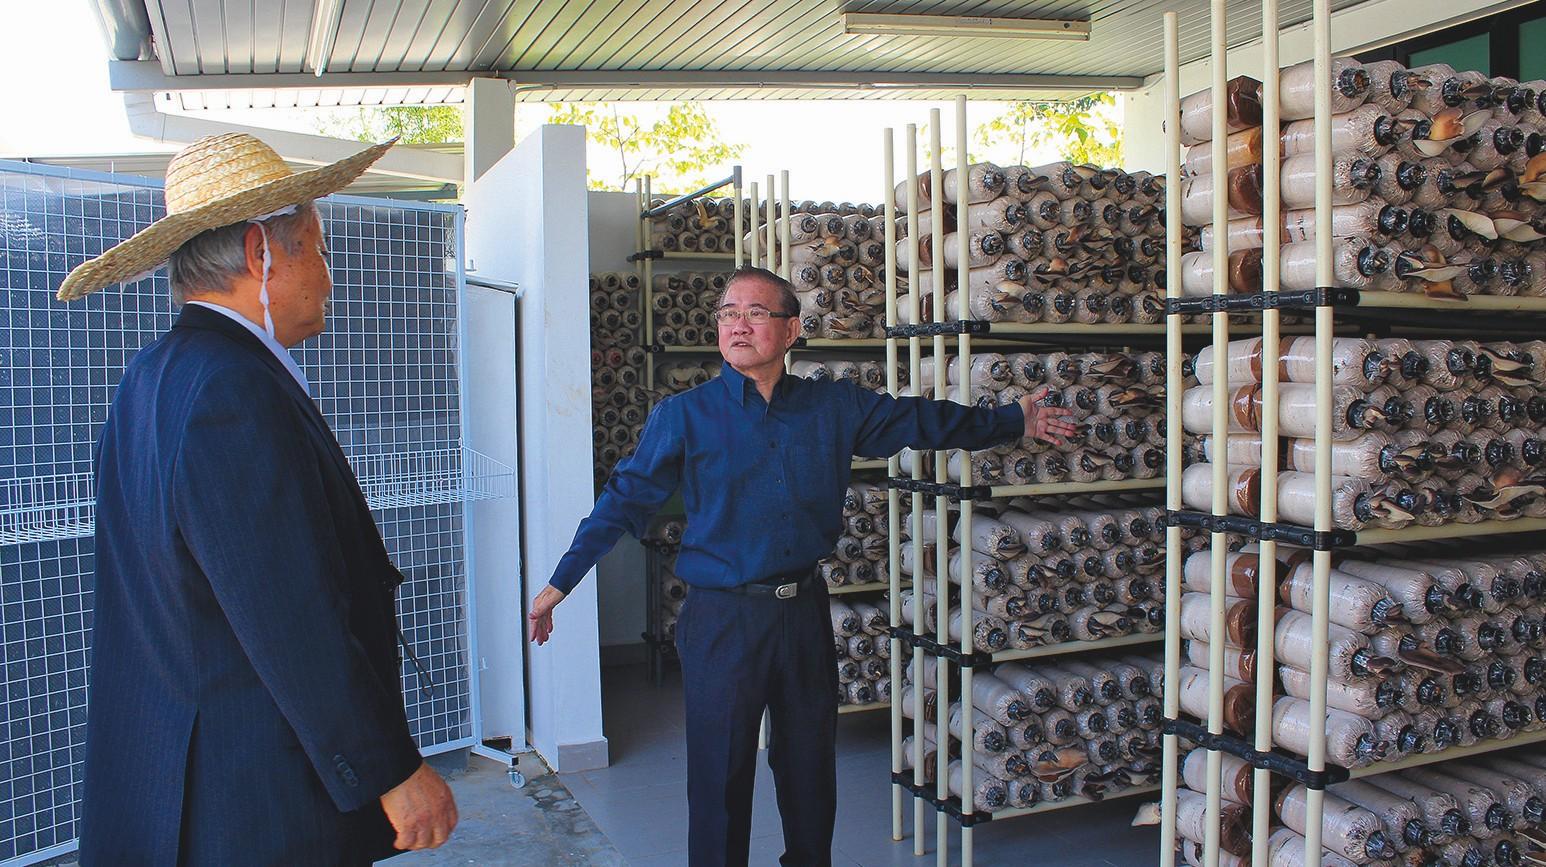 Im Erdgeschoss des Ausbildungszentrums für Menschen mit Behinderung werden Pilze gezüchtet. Der Einsatz von EM garantiert eine problemlose Zucht.